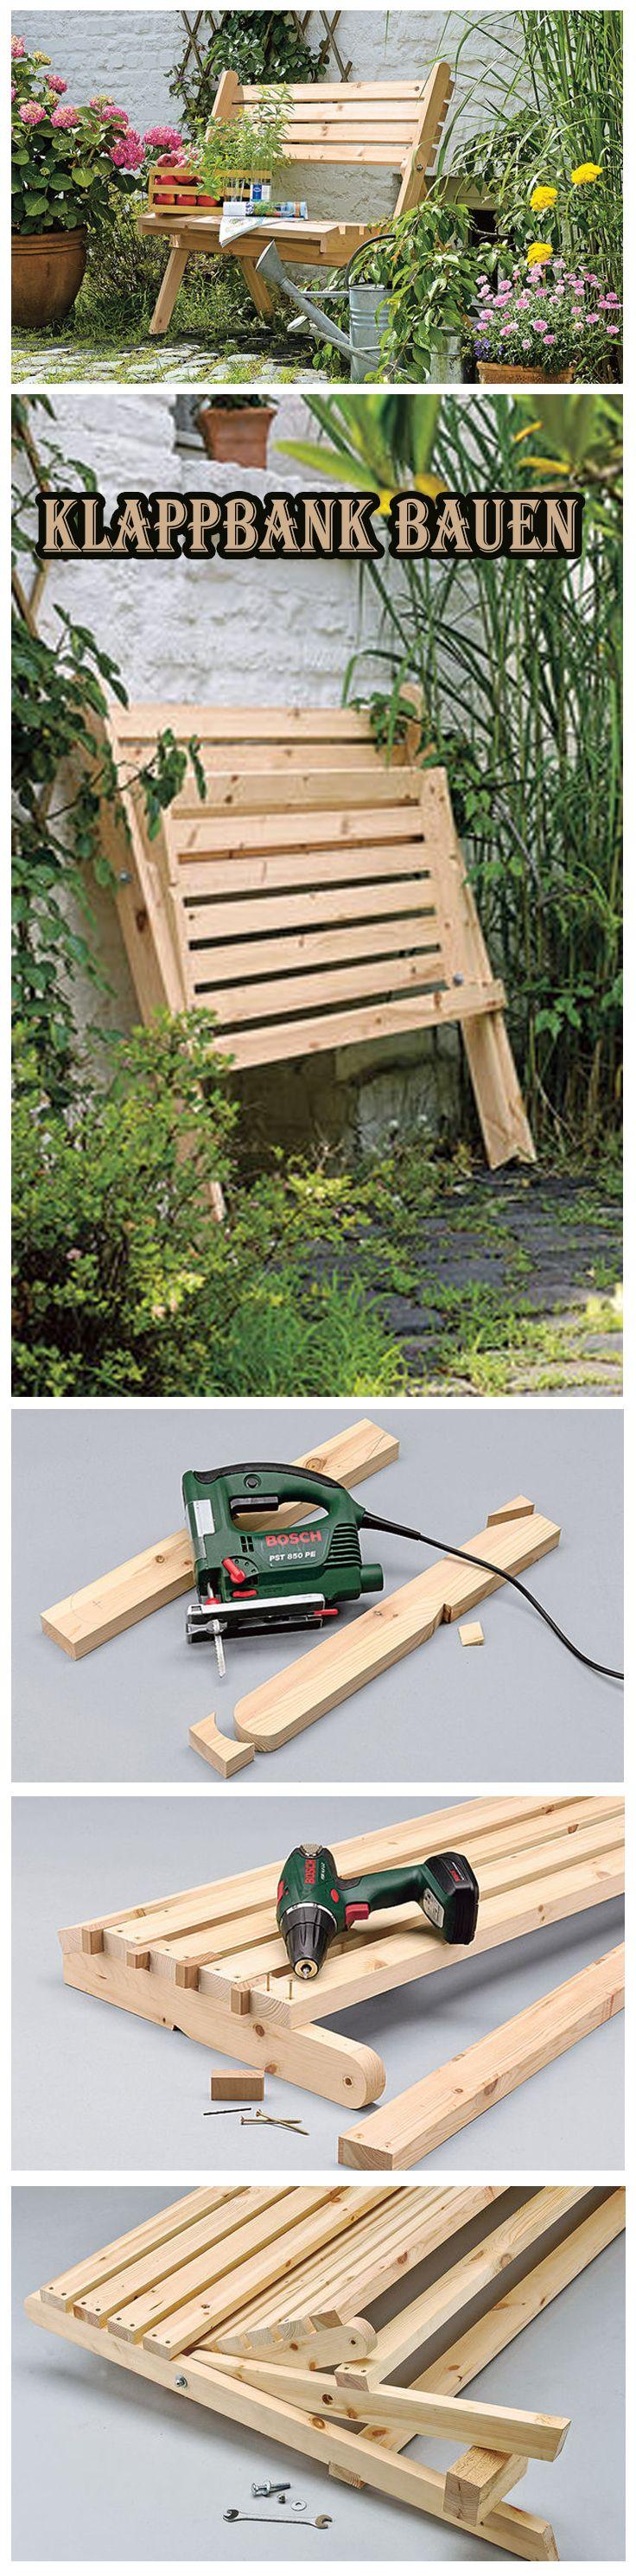 Vorteil an einer Klappbank: Sie ist schnell aufgestellt und kann platzsparend verstaut werden. Wir zeigen, wie man diese Gartenbank selbst baut.